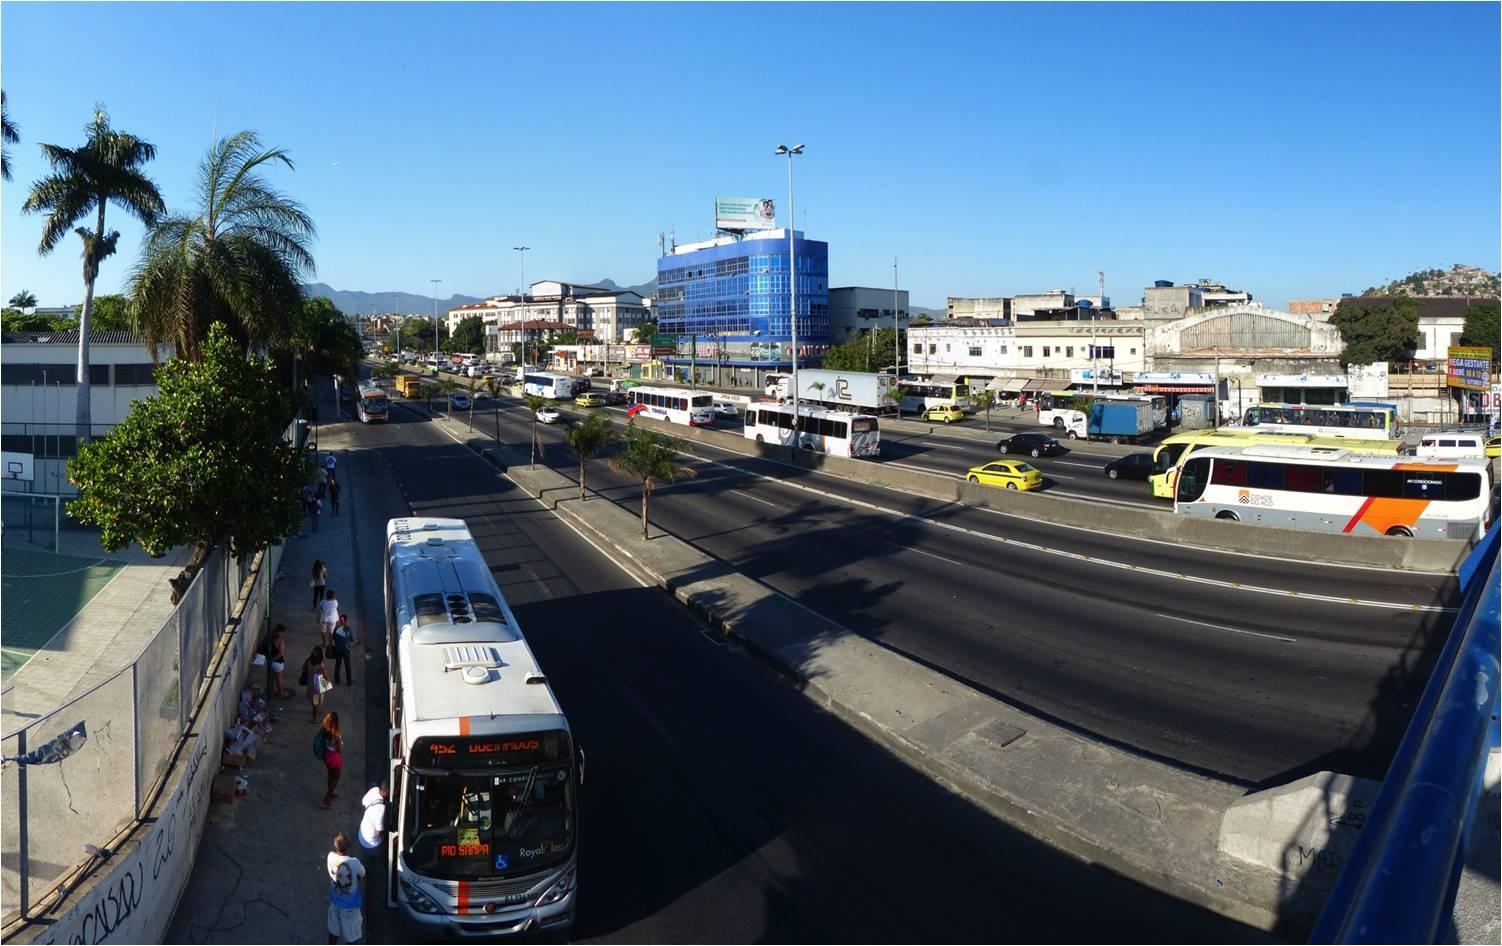 Dos 1.040 ônibus que passam na Avenida Brasil por hora em direção ao Centro, 42% são ônibus intermunicipais. Foto ITDP Brasil